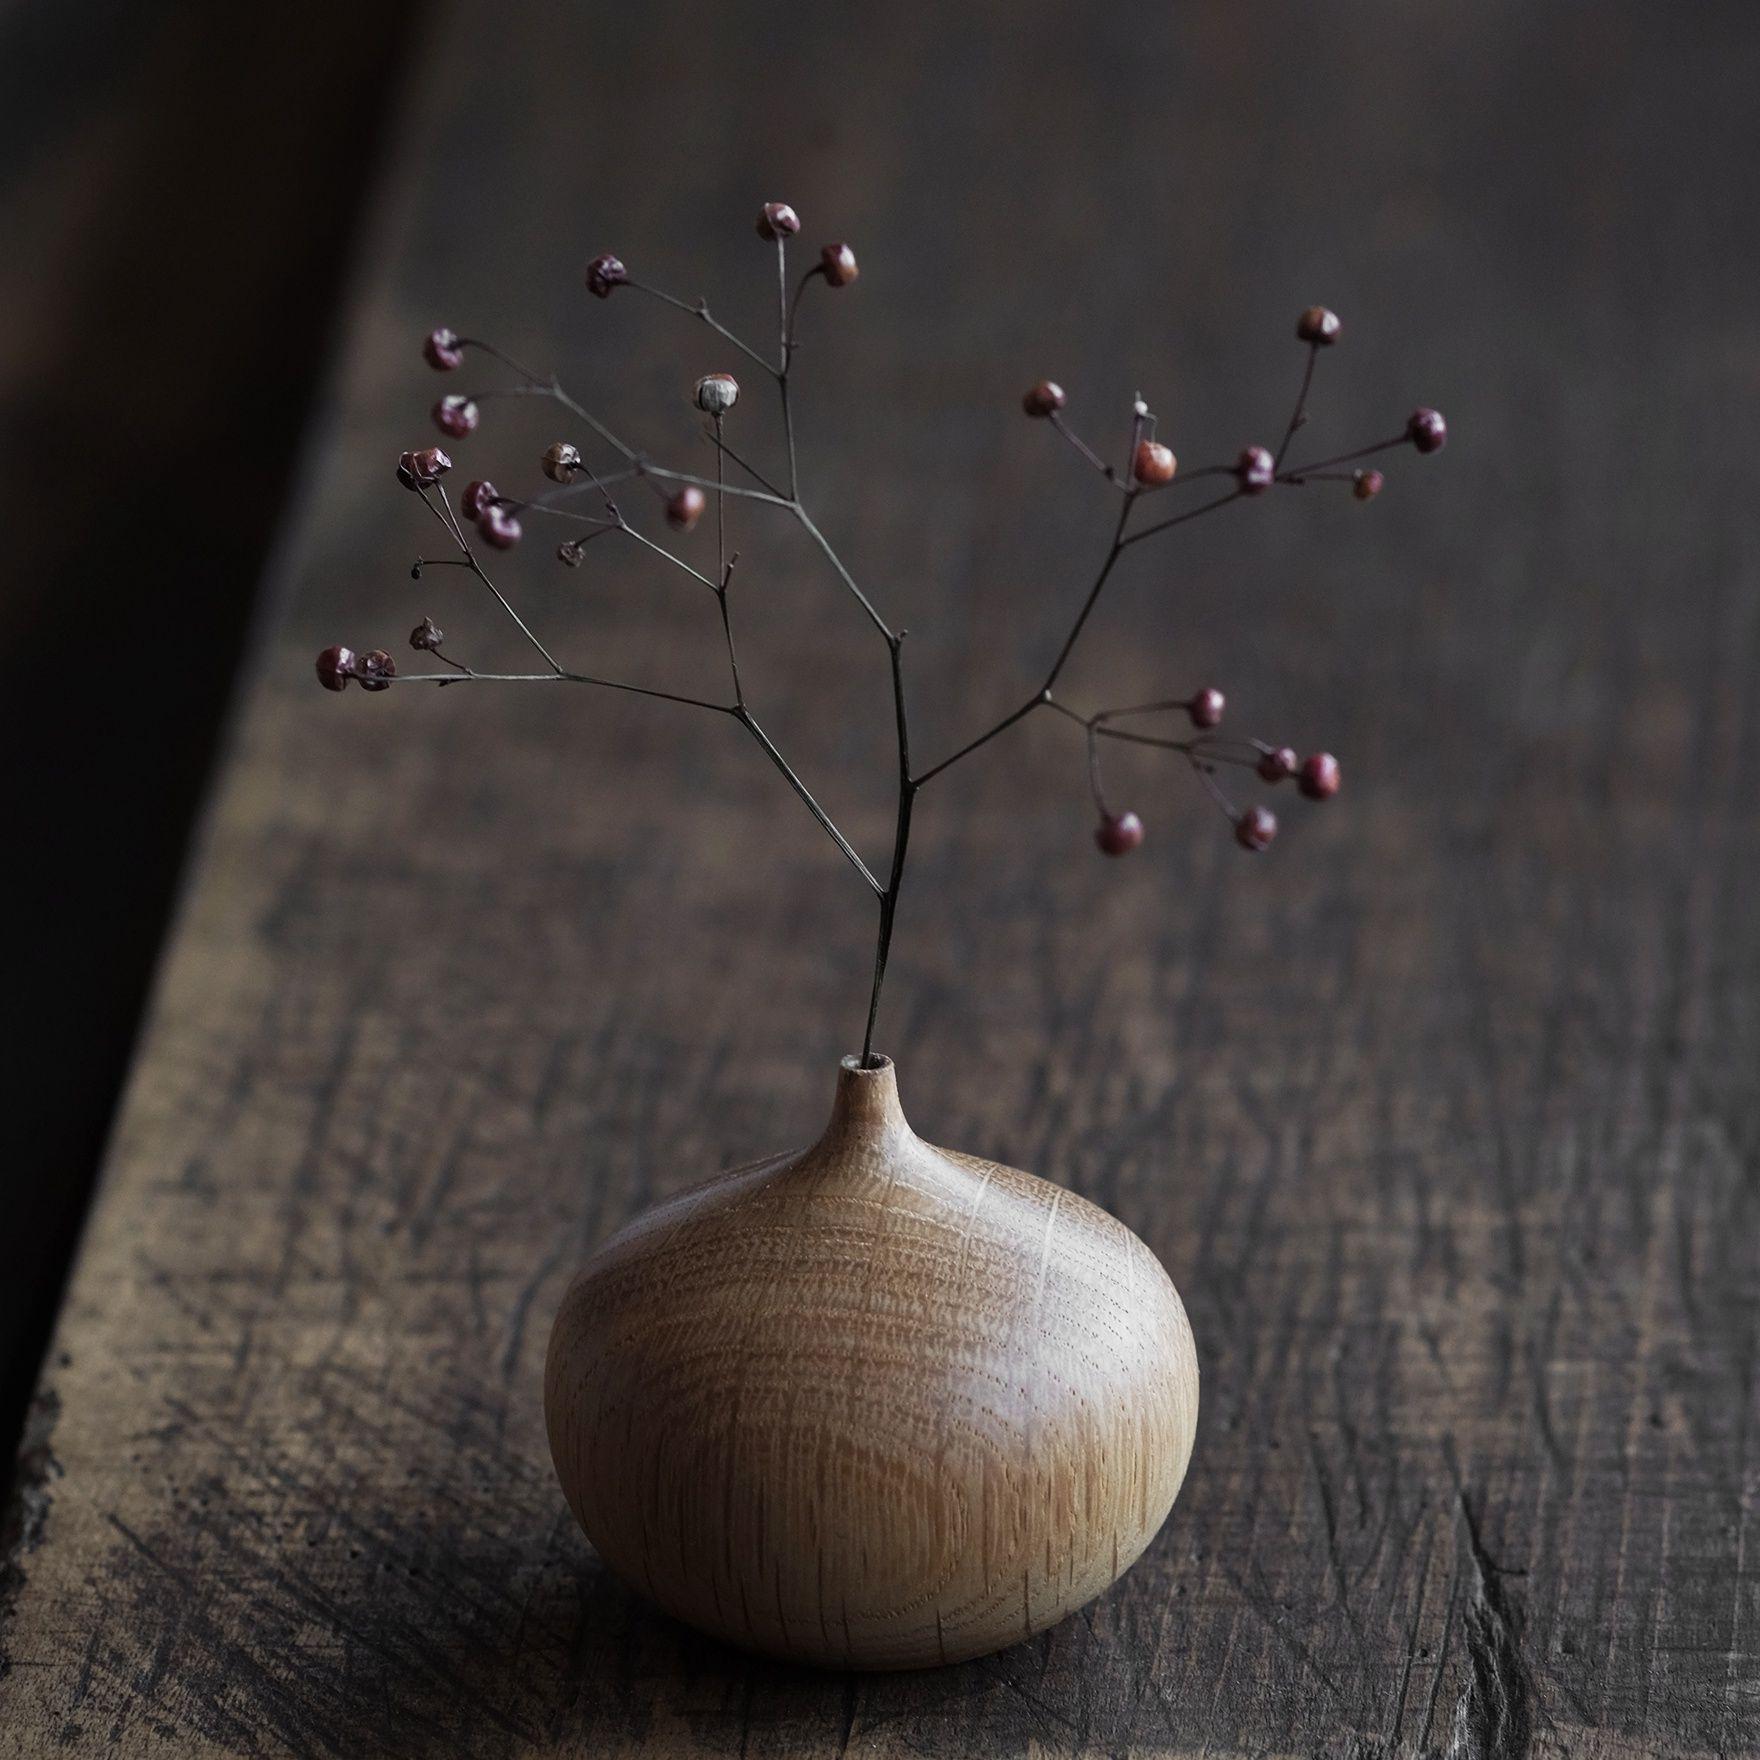 Onion vase takehito ichikawas handmade wood vases are designed onion vase takehito ichikawas handmade wood vases are designed for use with dry or artificial reviewsmspy